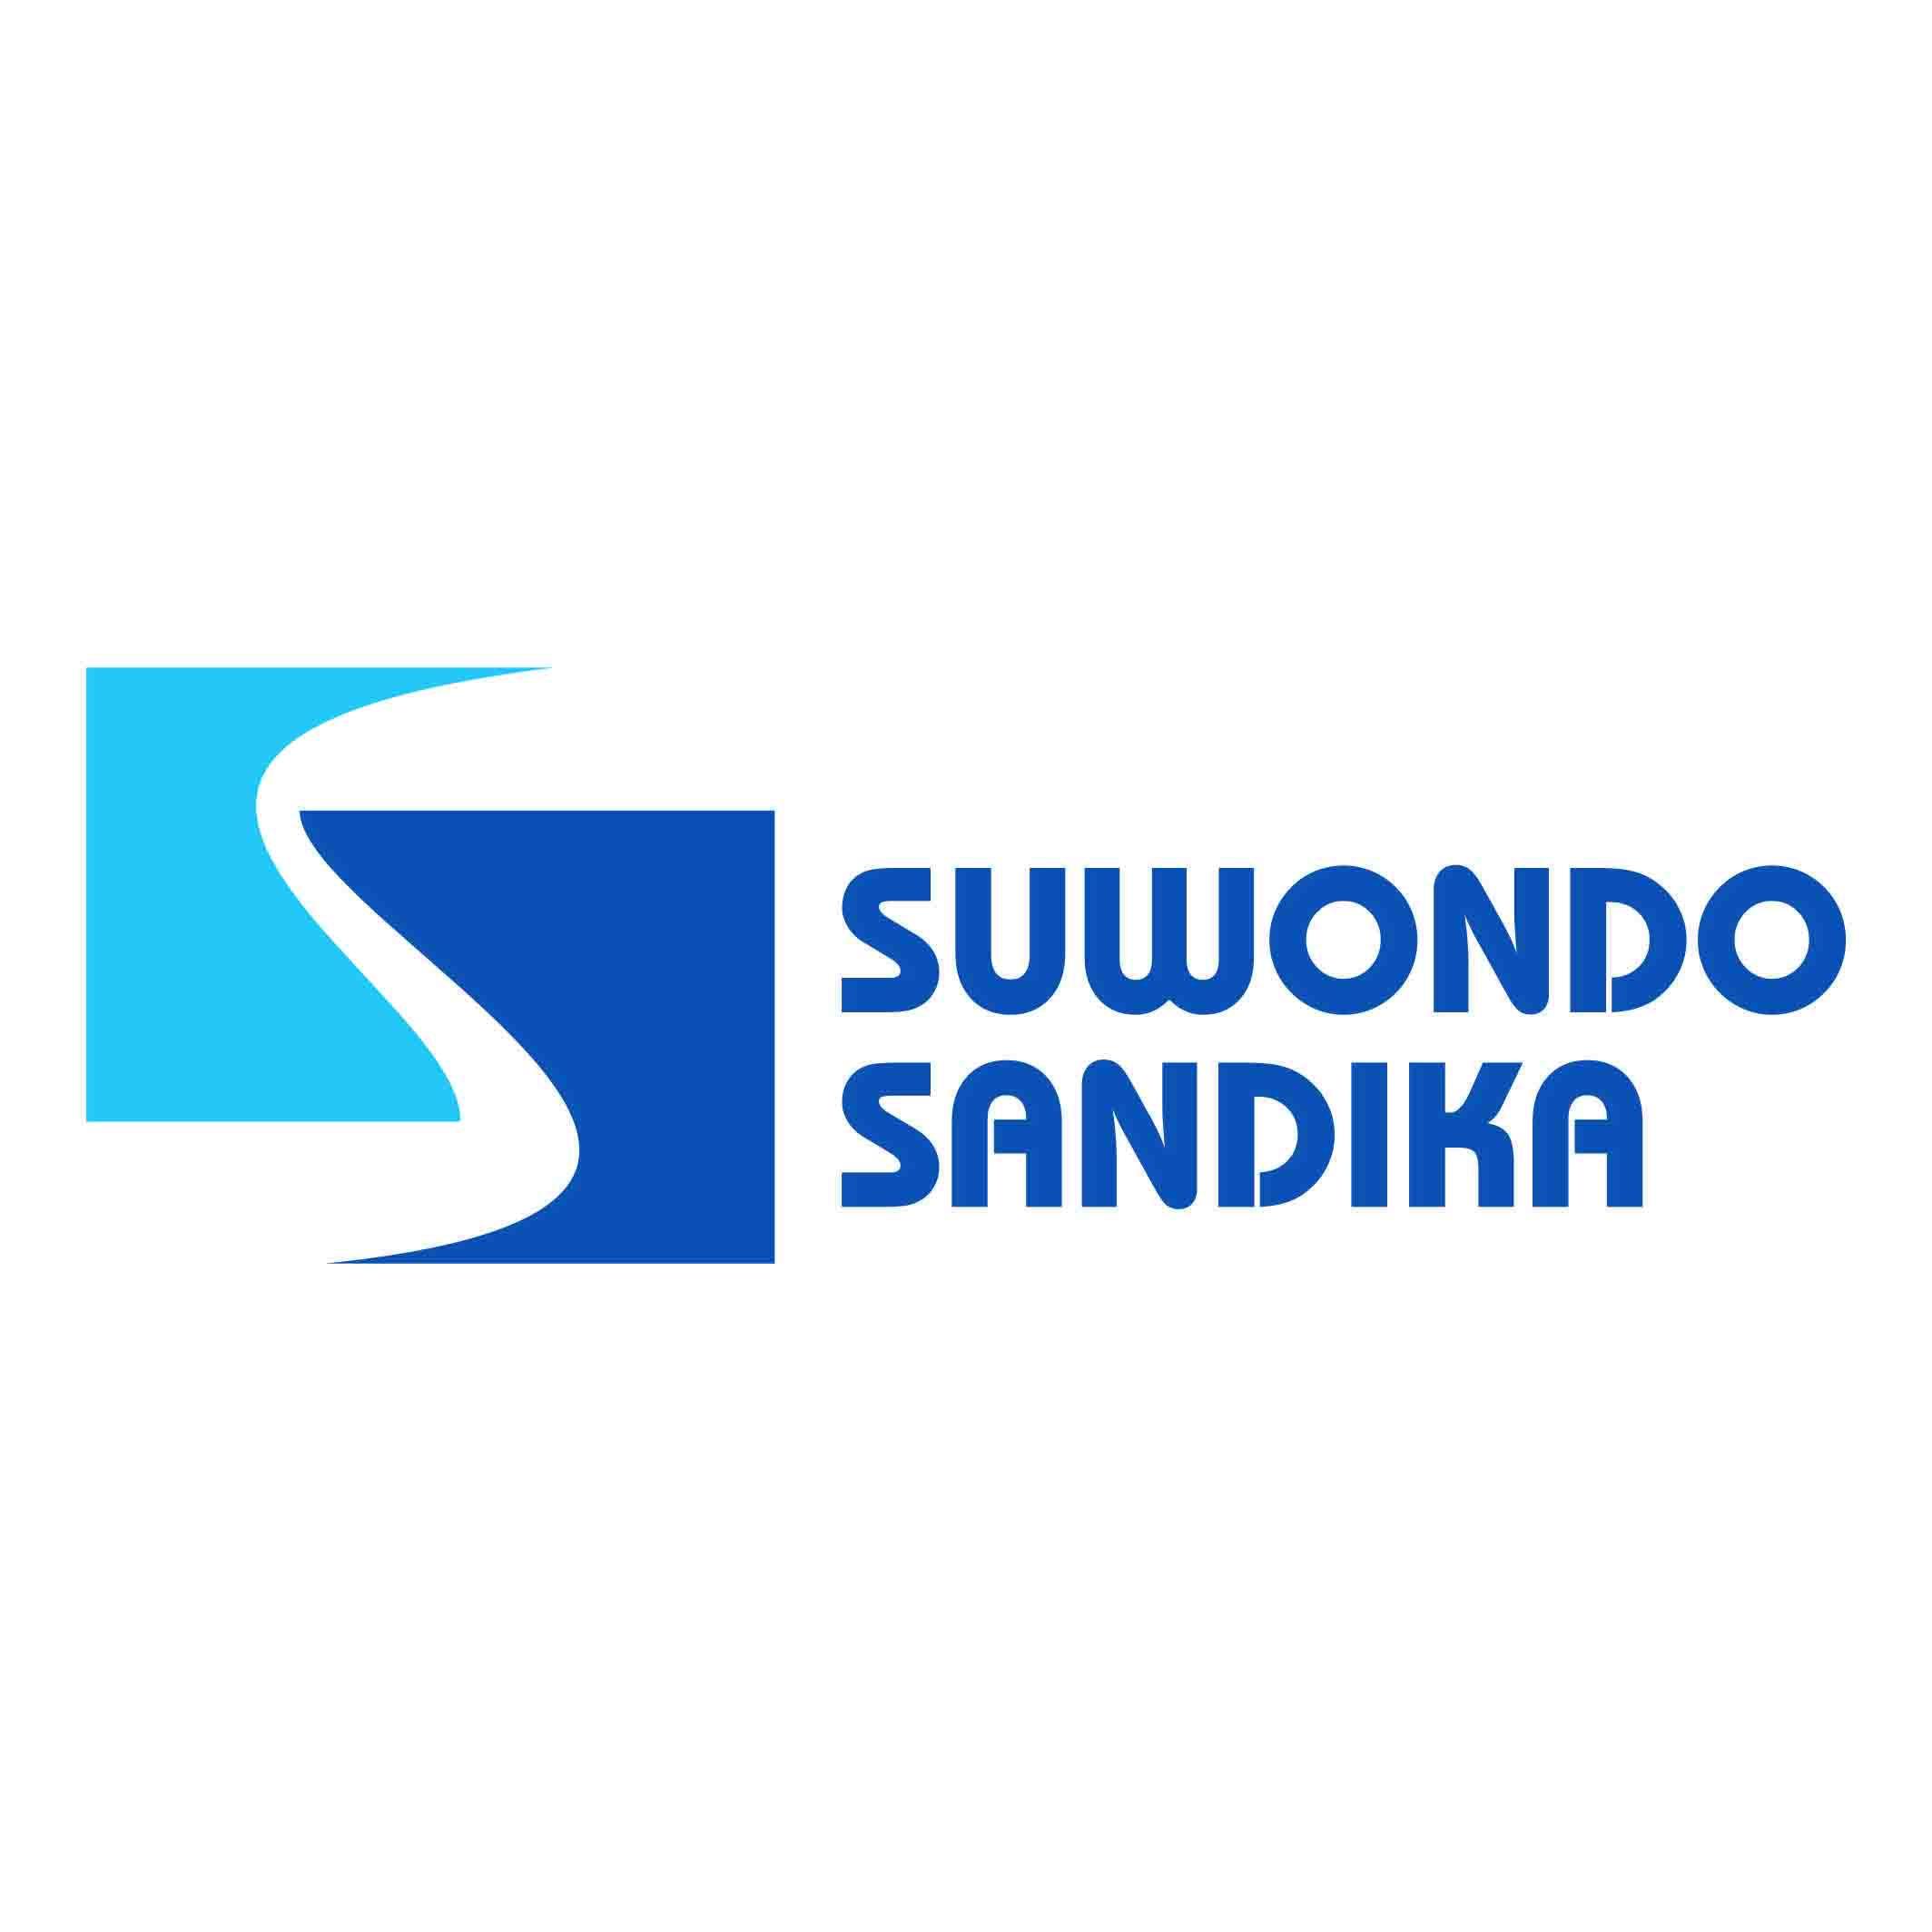 Suwondo sandika logo 400f9cd27b